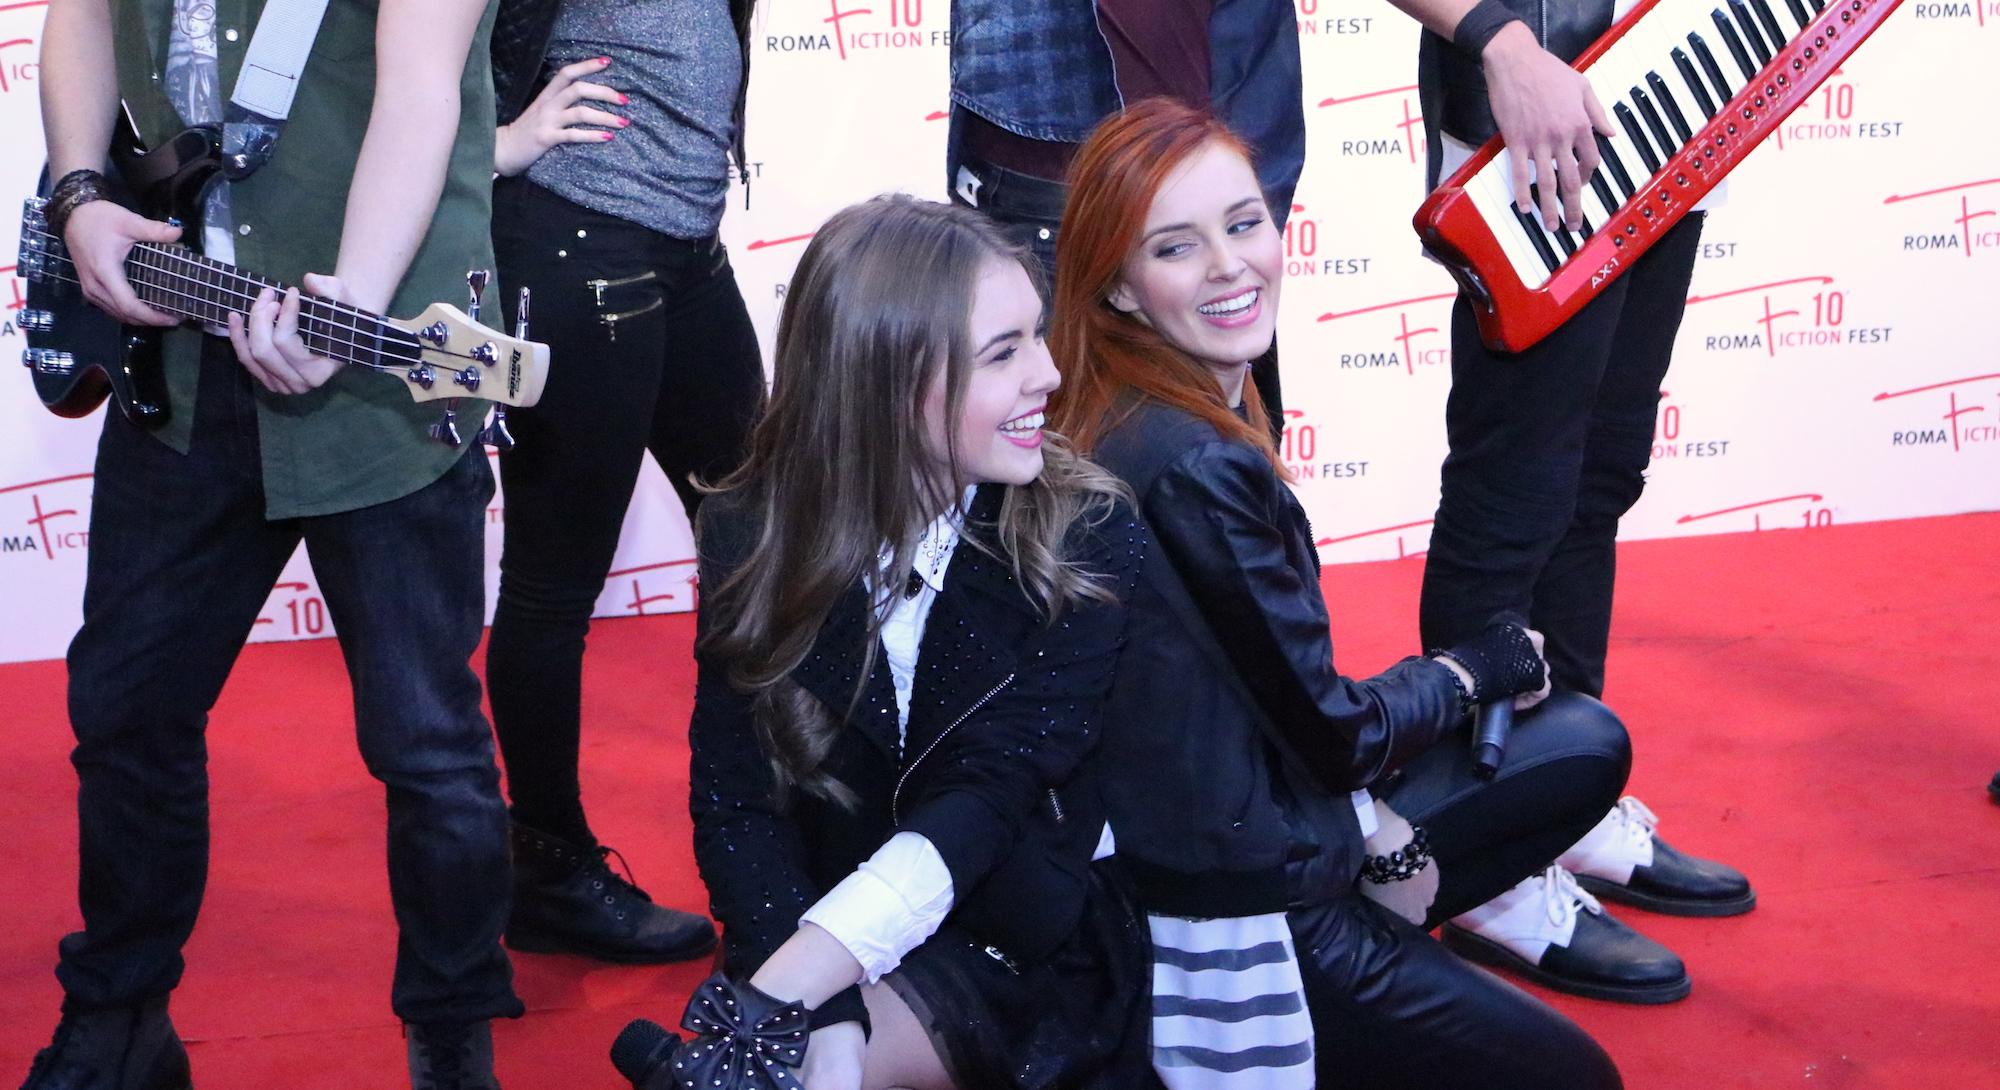 Roma Fiction Fest 2016: il cast di Maggie & Bianca Fashion Friends sul red carpet